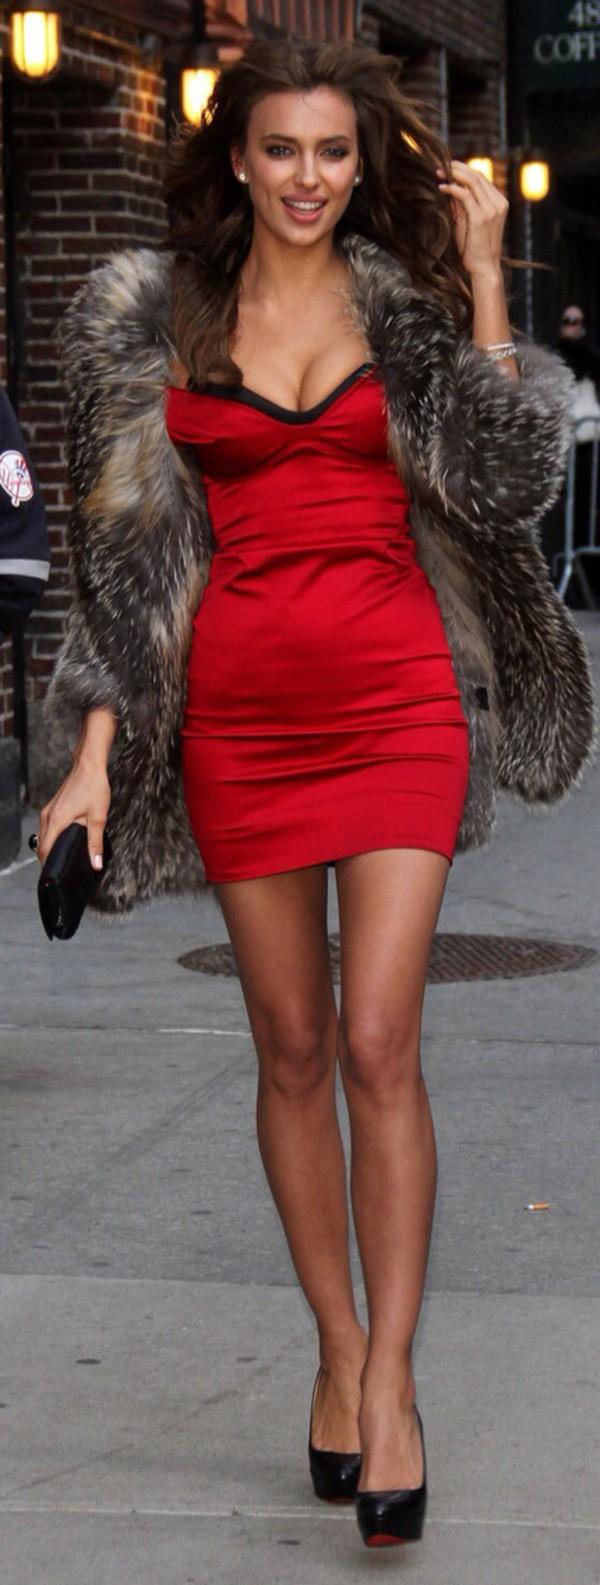 dress red tight dress coat